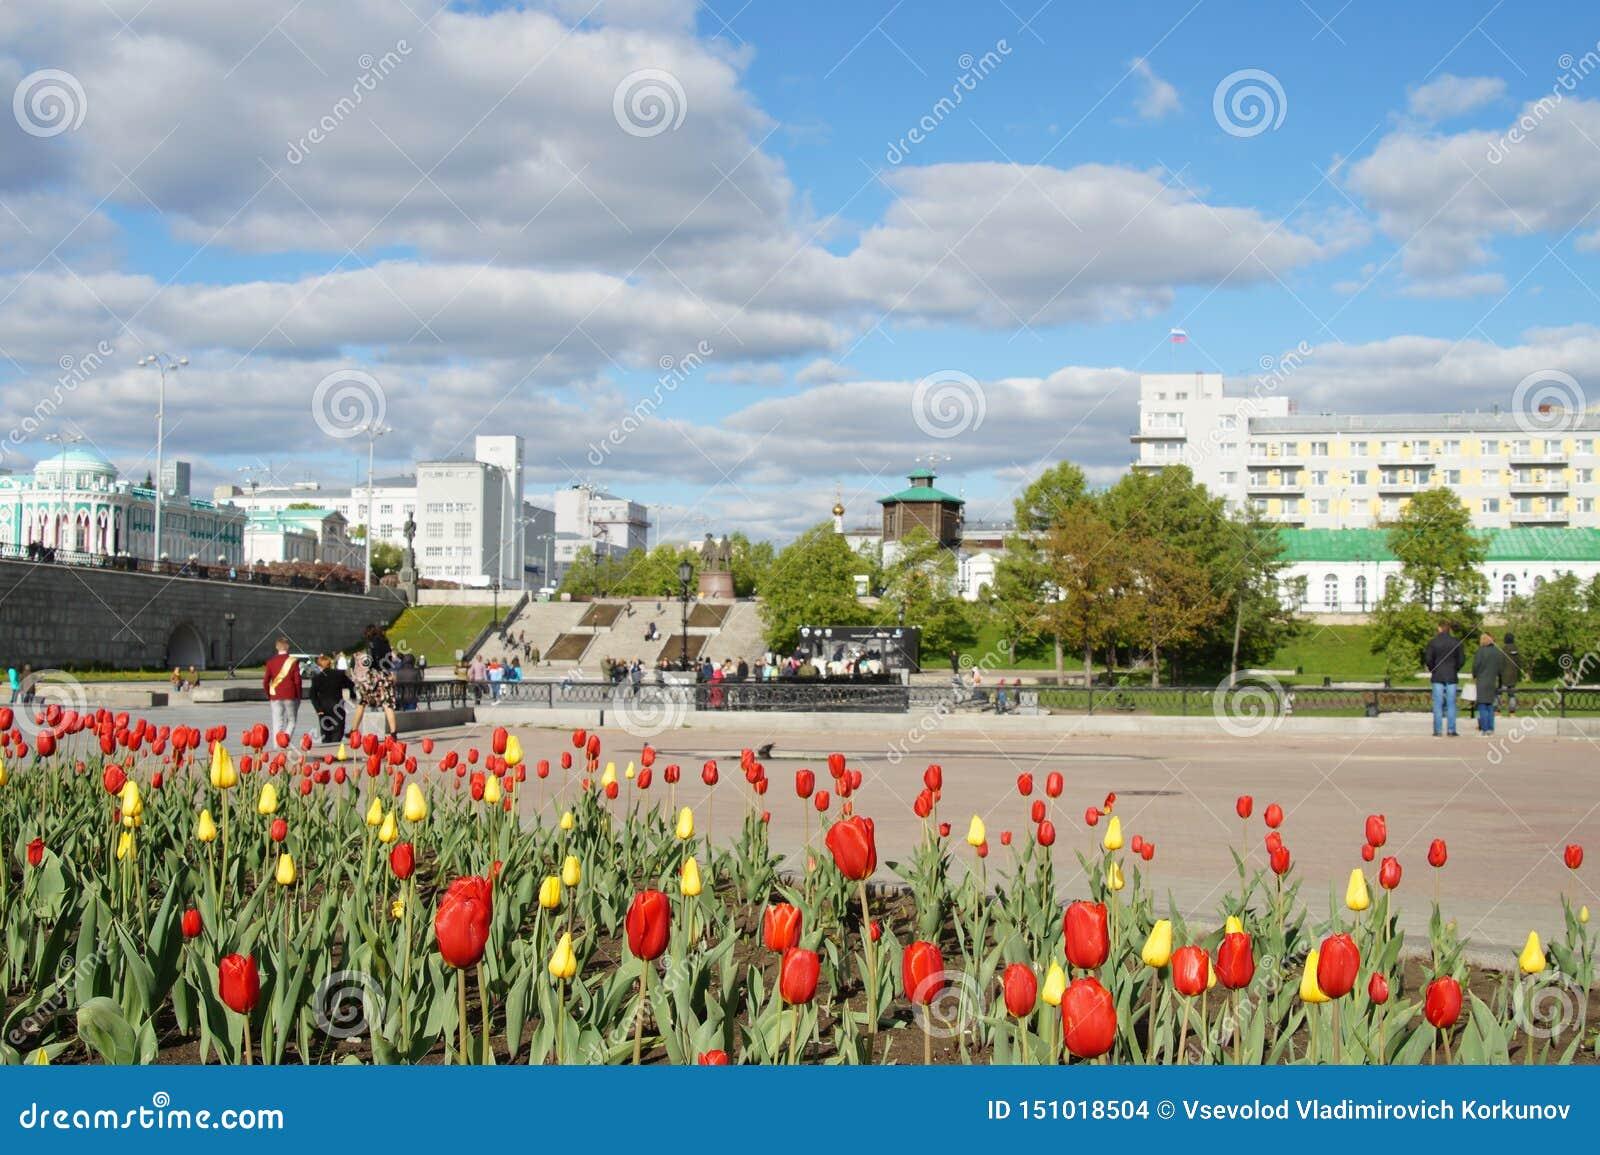 Rode en gele tulpen op de achtergrond van cityscape met wolken